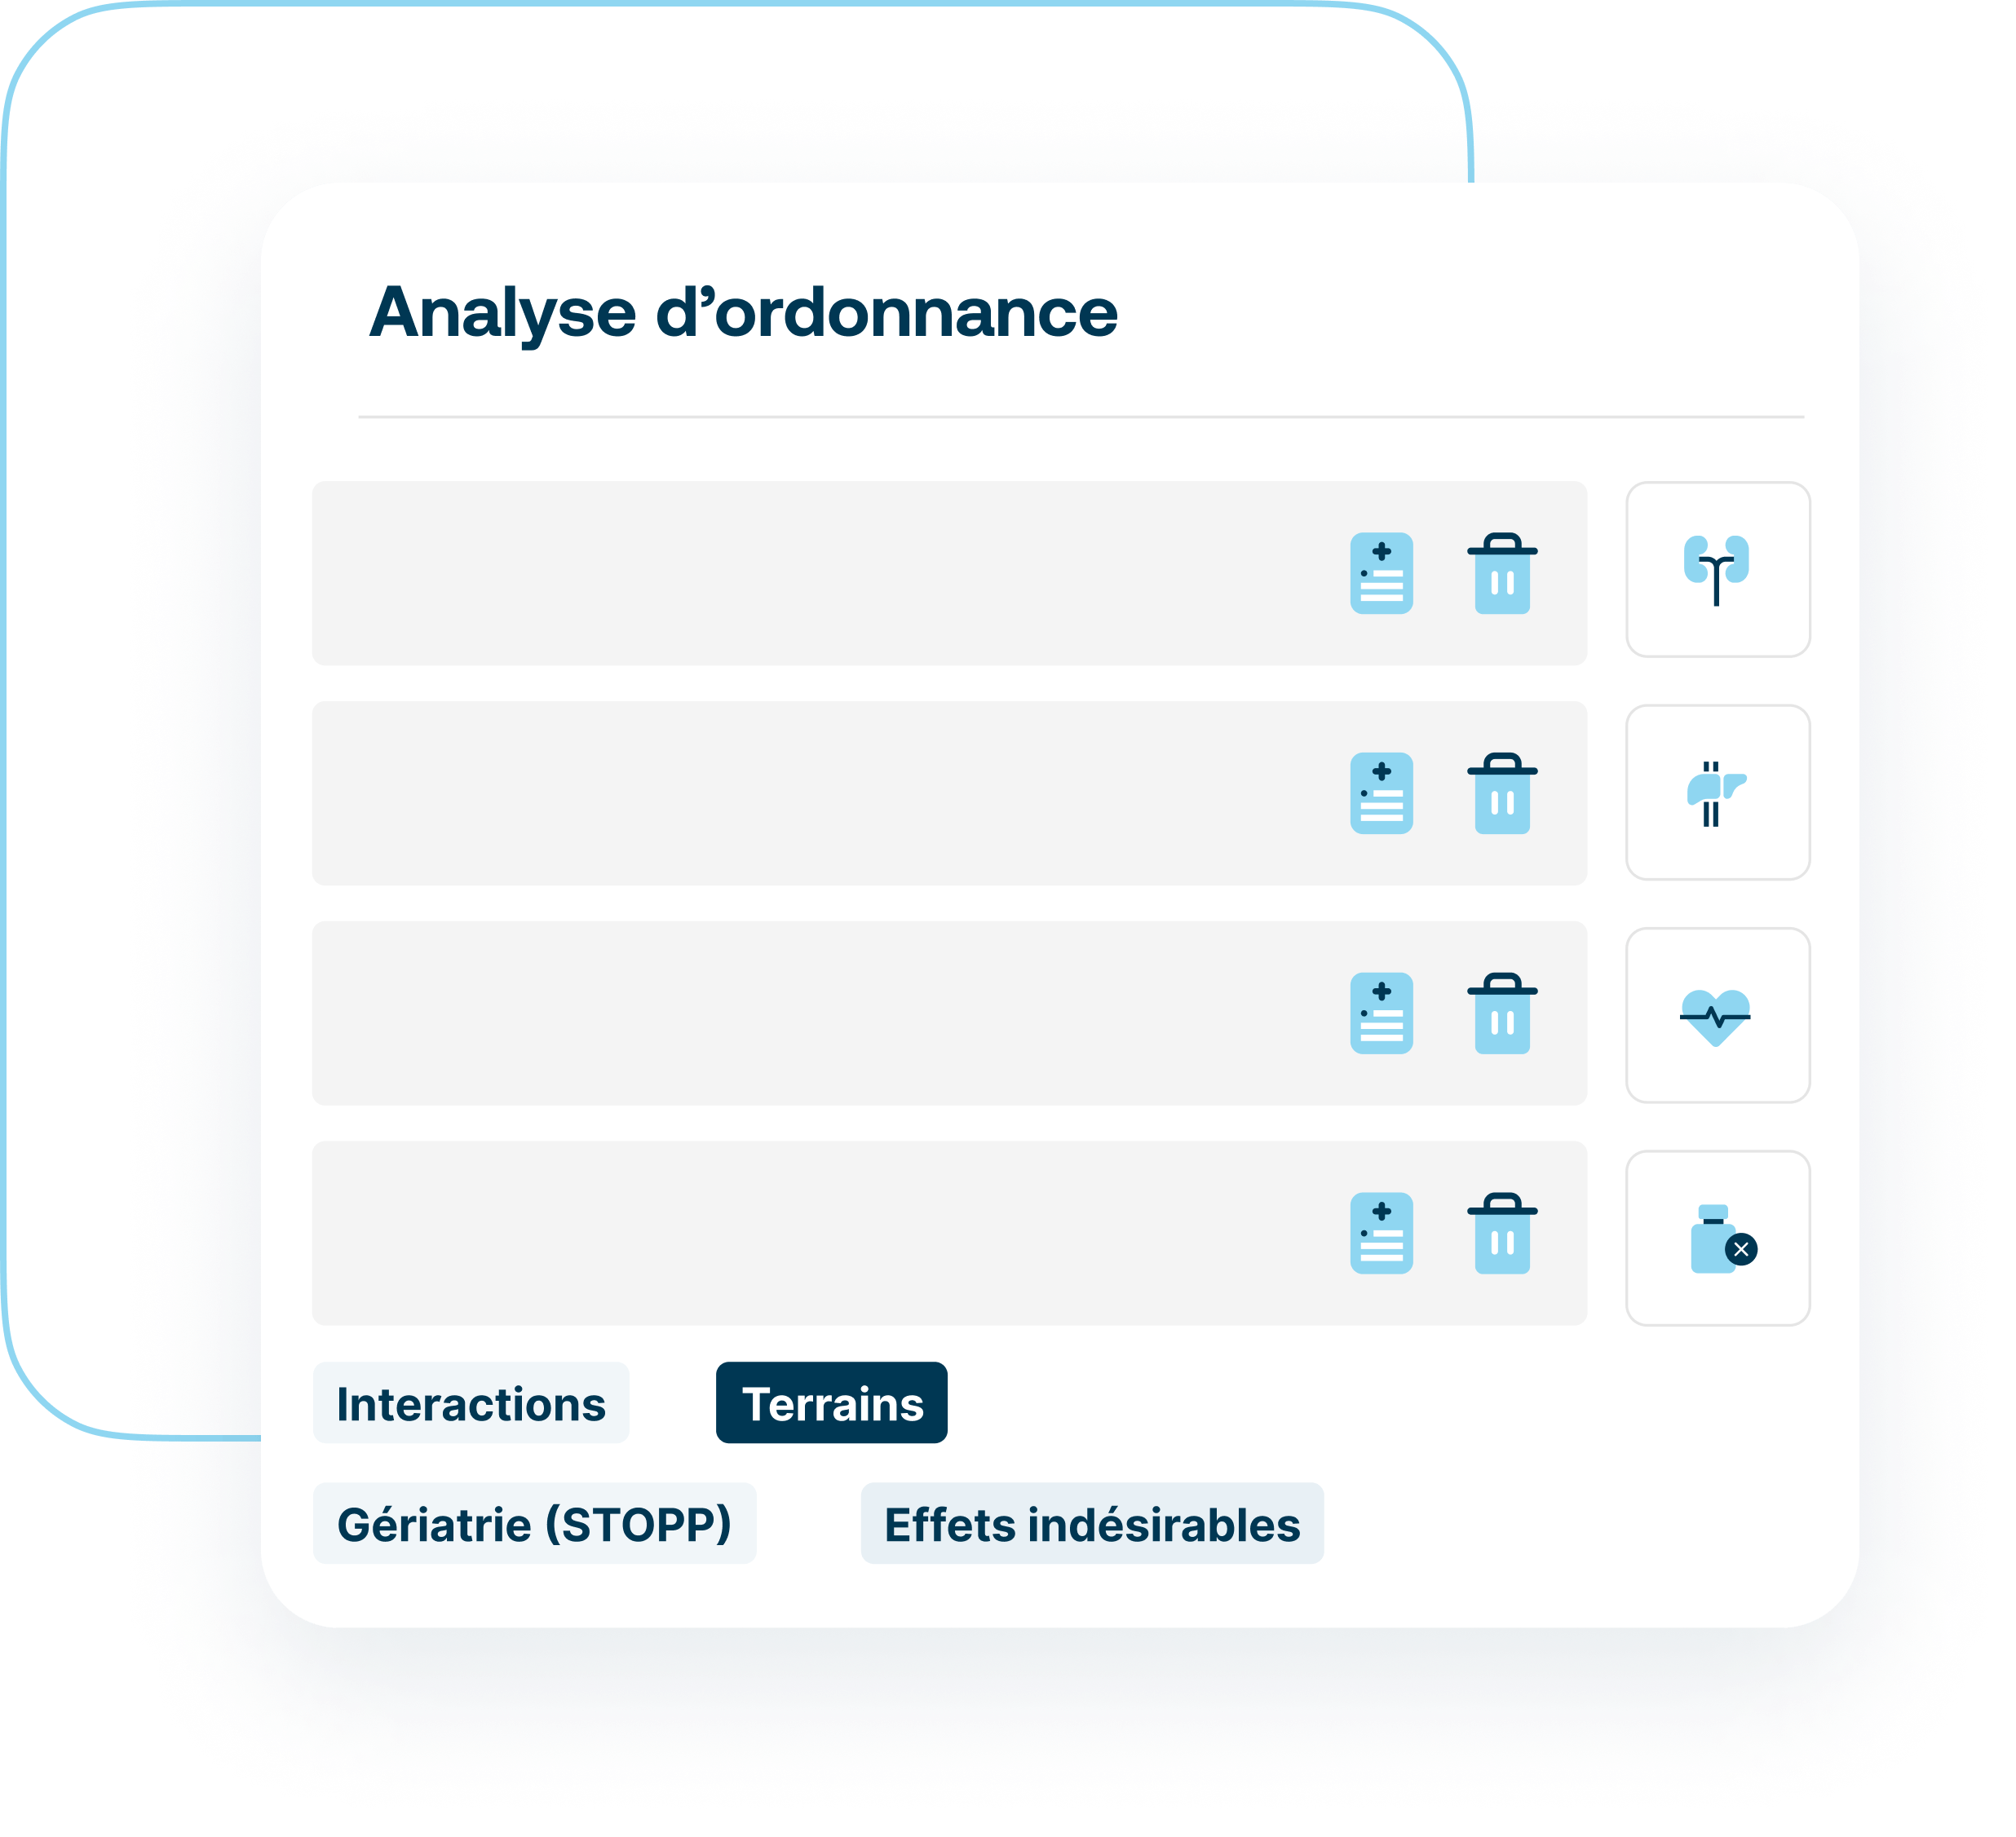 Le module Contre-Indications dans  l'analyse d'ordonnance de Synapse Plateforme